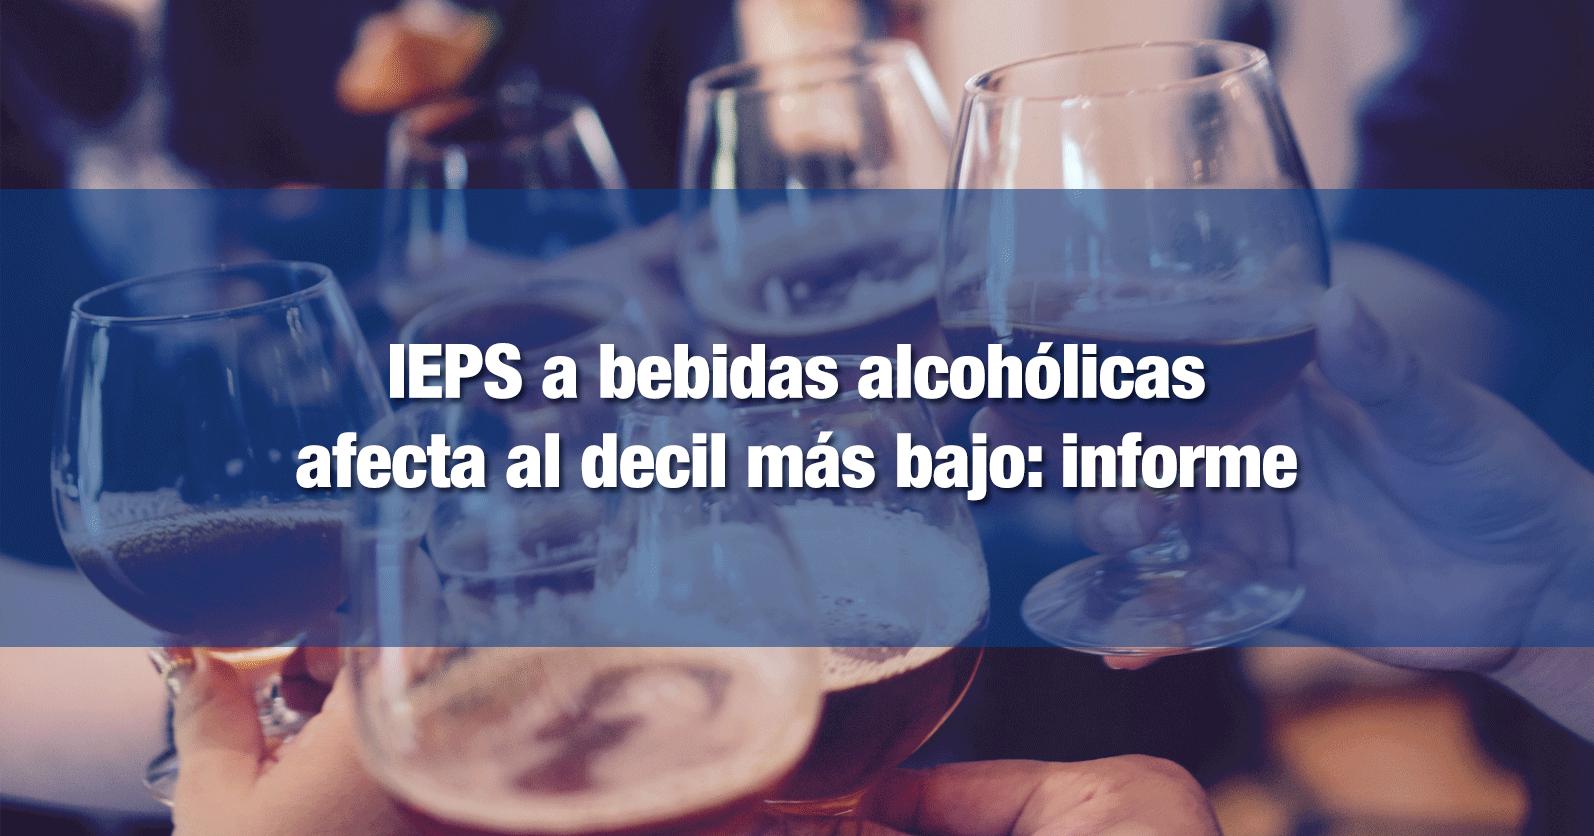 IEPS a bebidas alcohólicas afecta al decil más bajo: informe